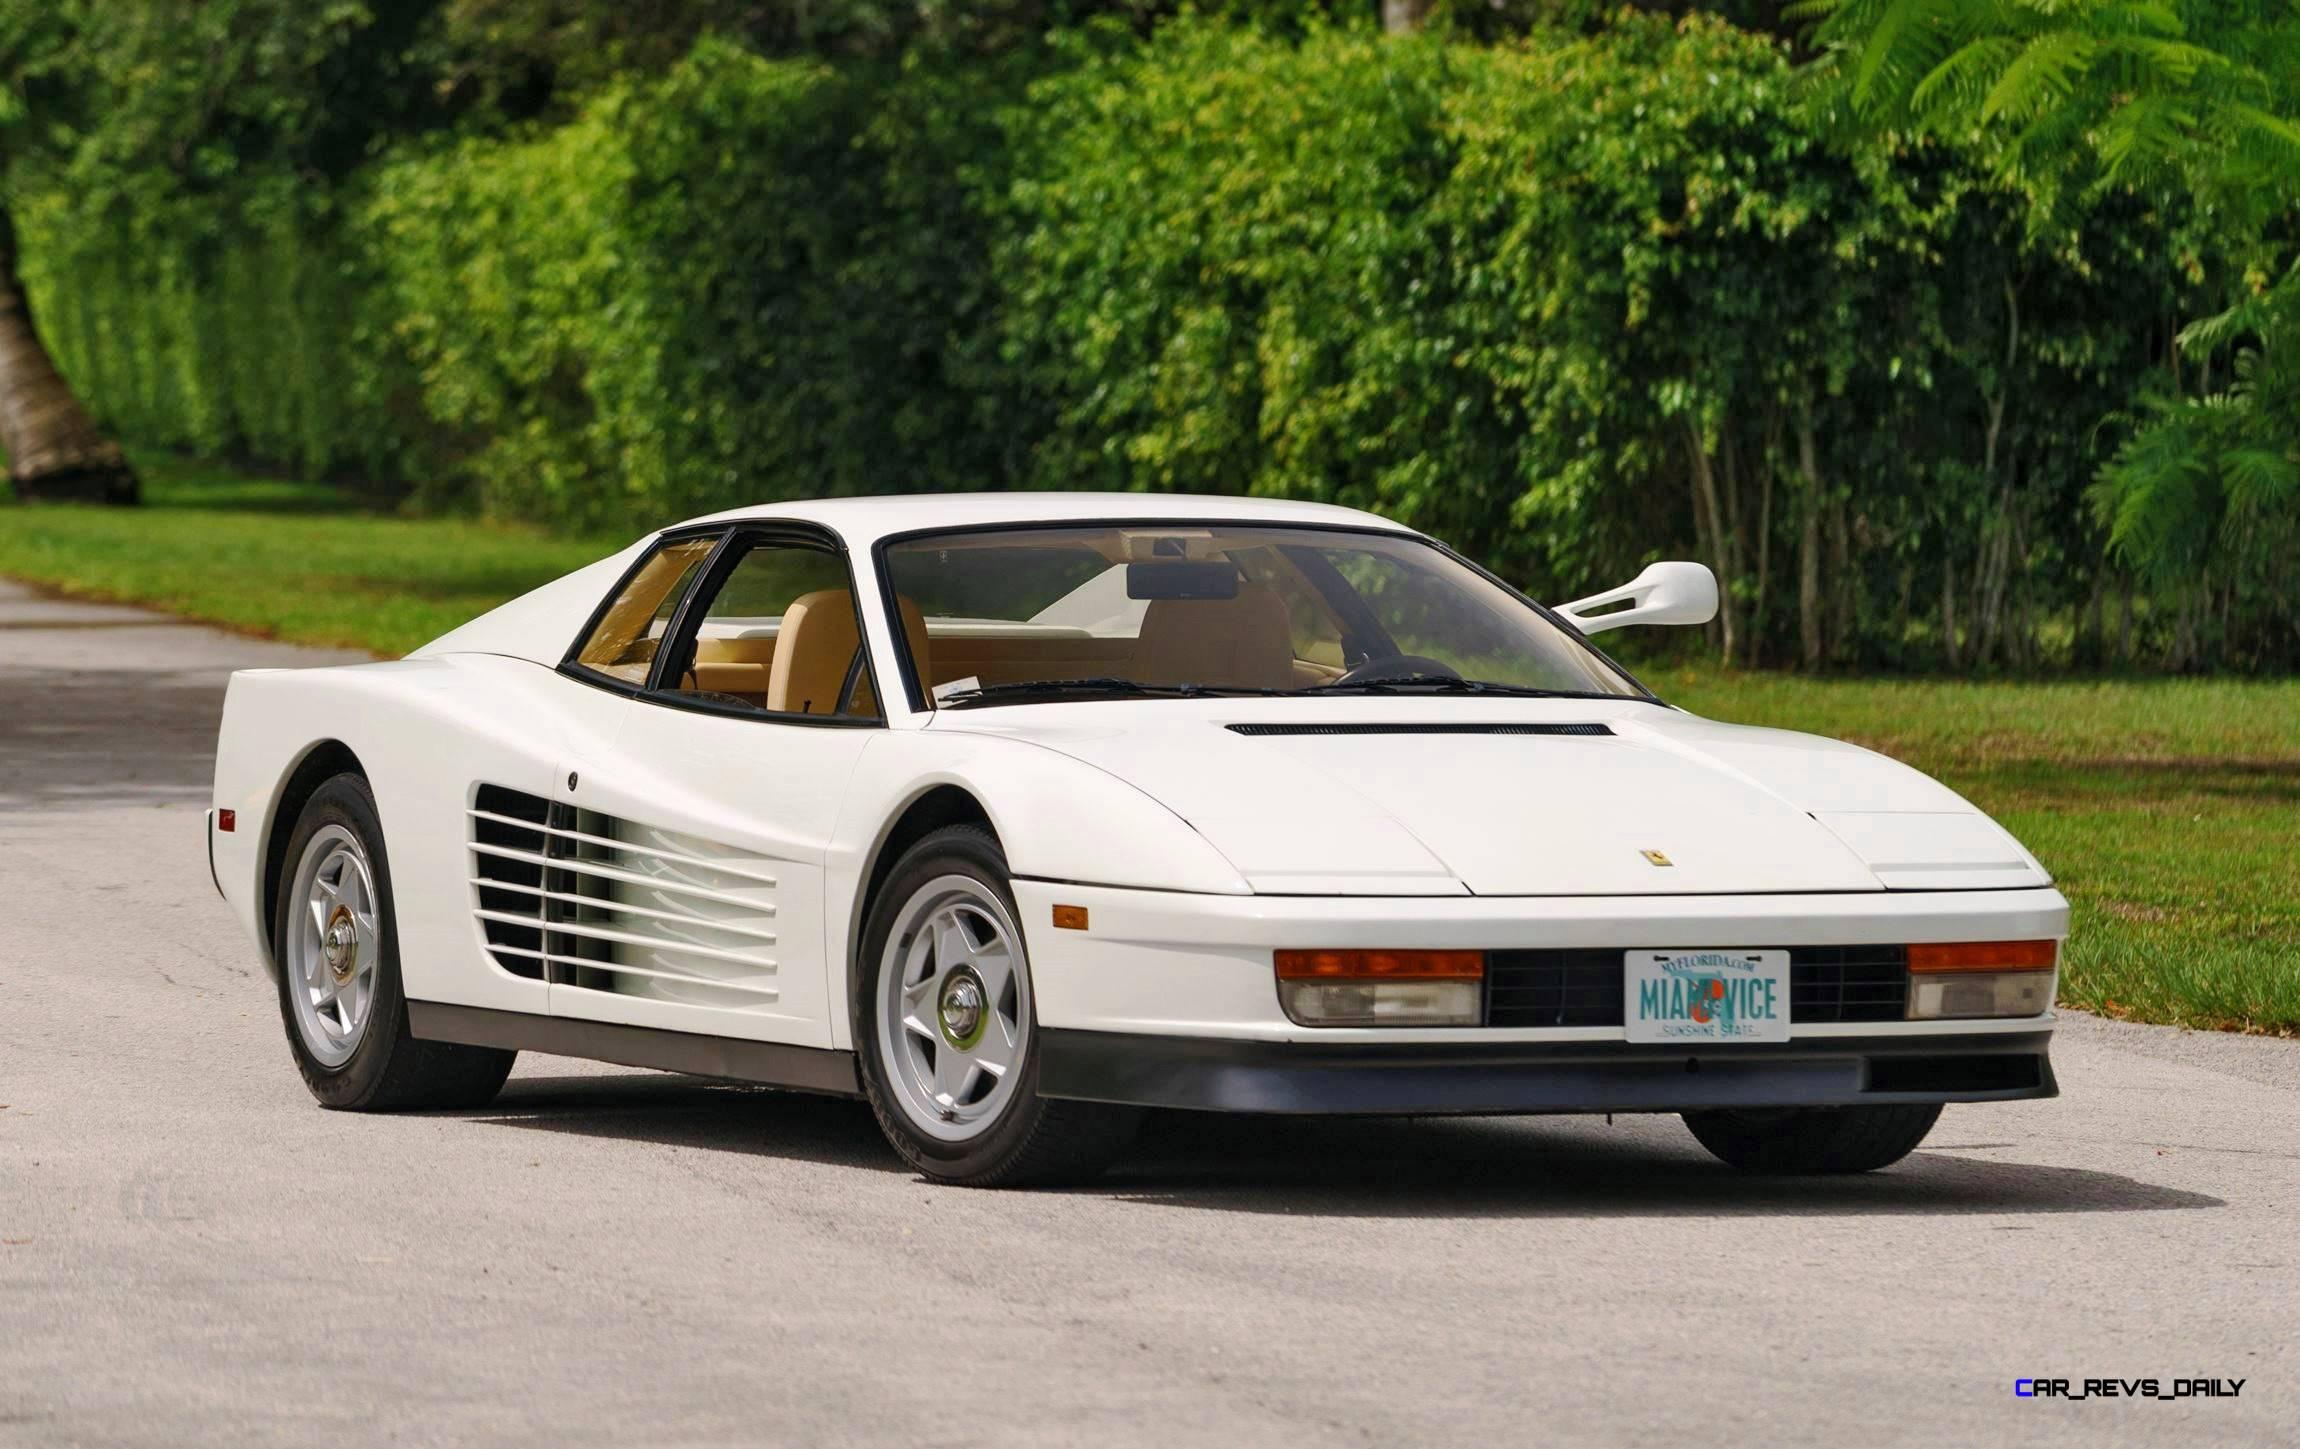 Used Car Auctions >> Mecum Miami Vice Testarossa